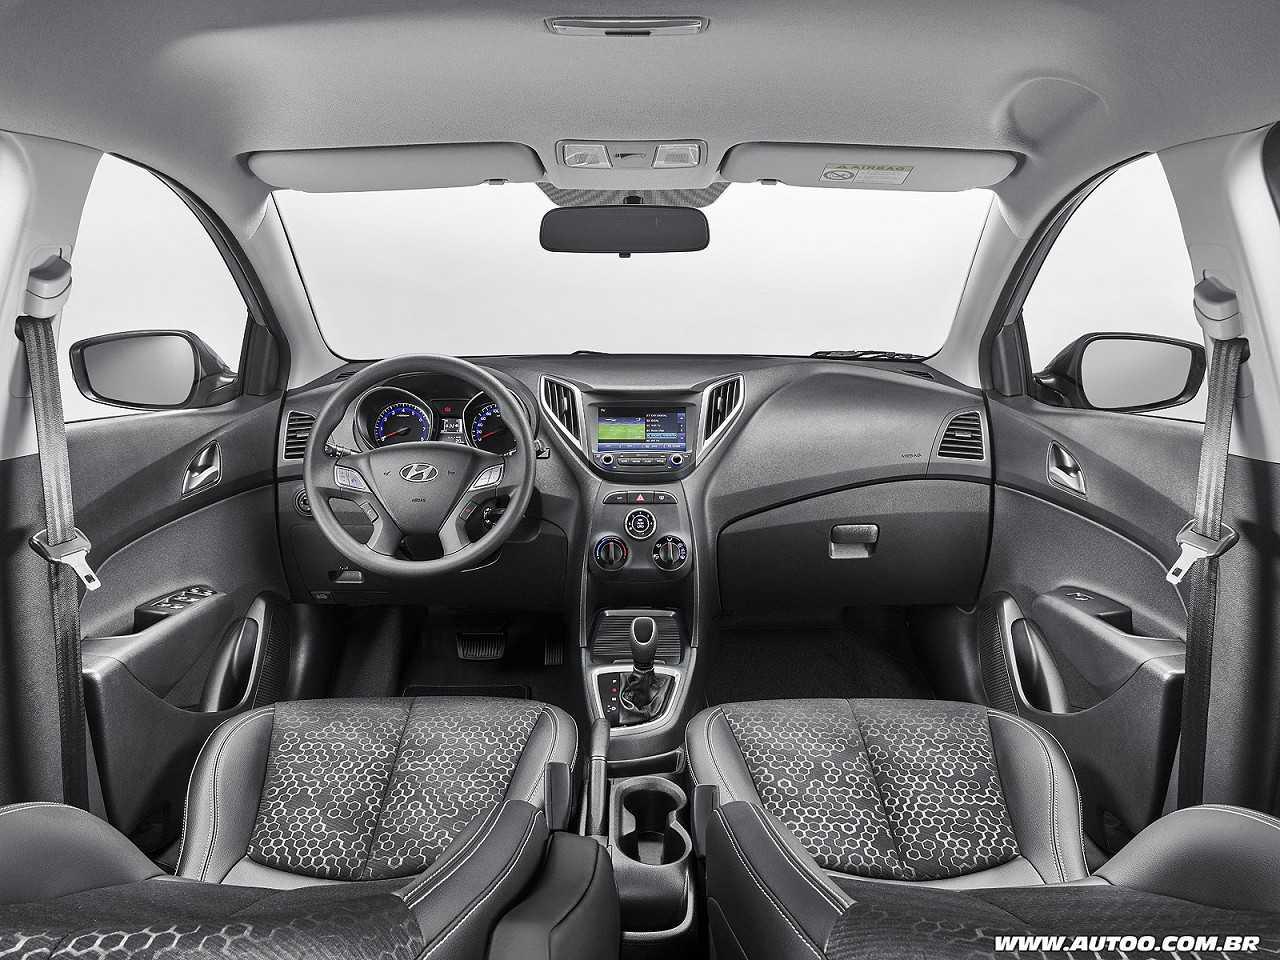 HyundaiHB20 2018 - painel